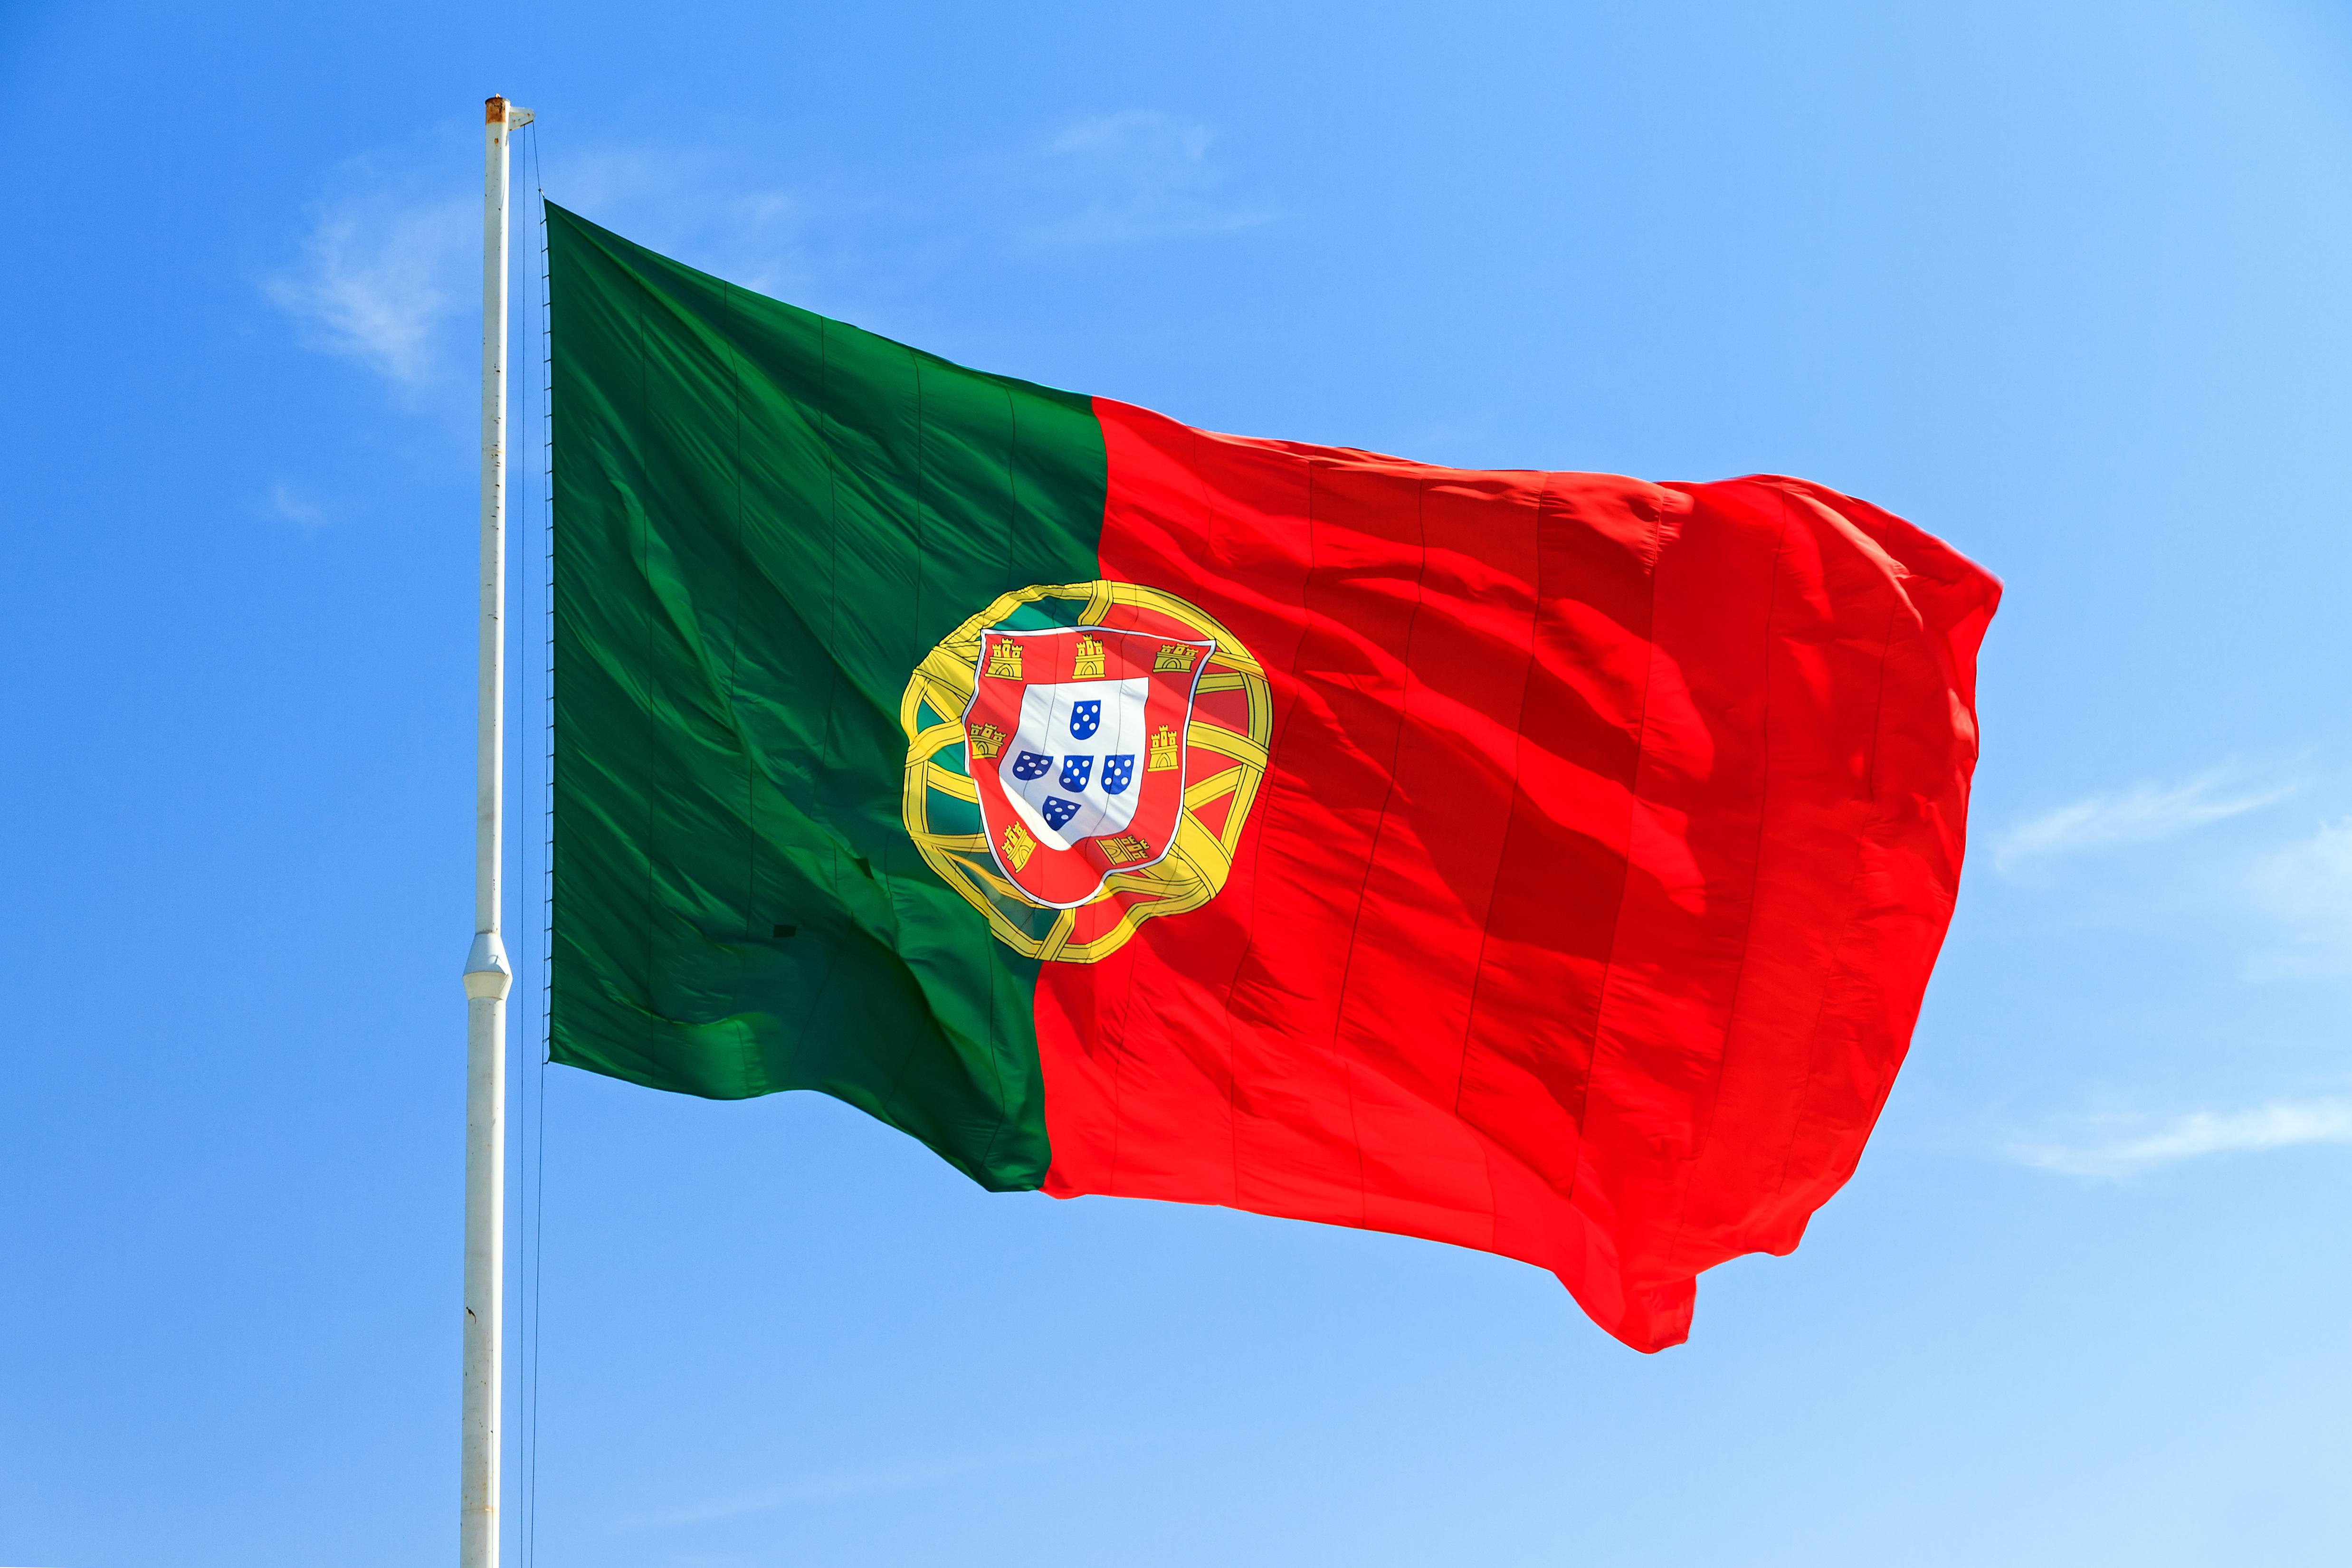 Portugal é o terceiro país mais pacífico do mundo - relatório internacional